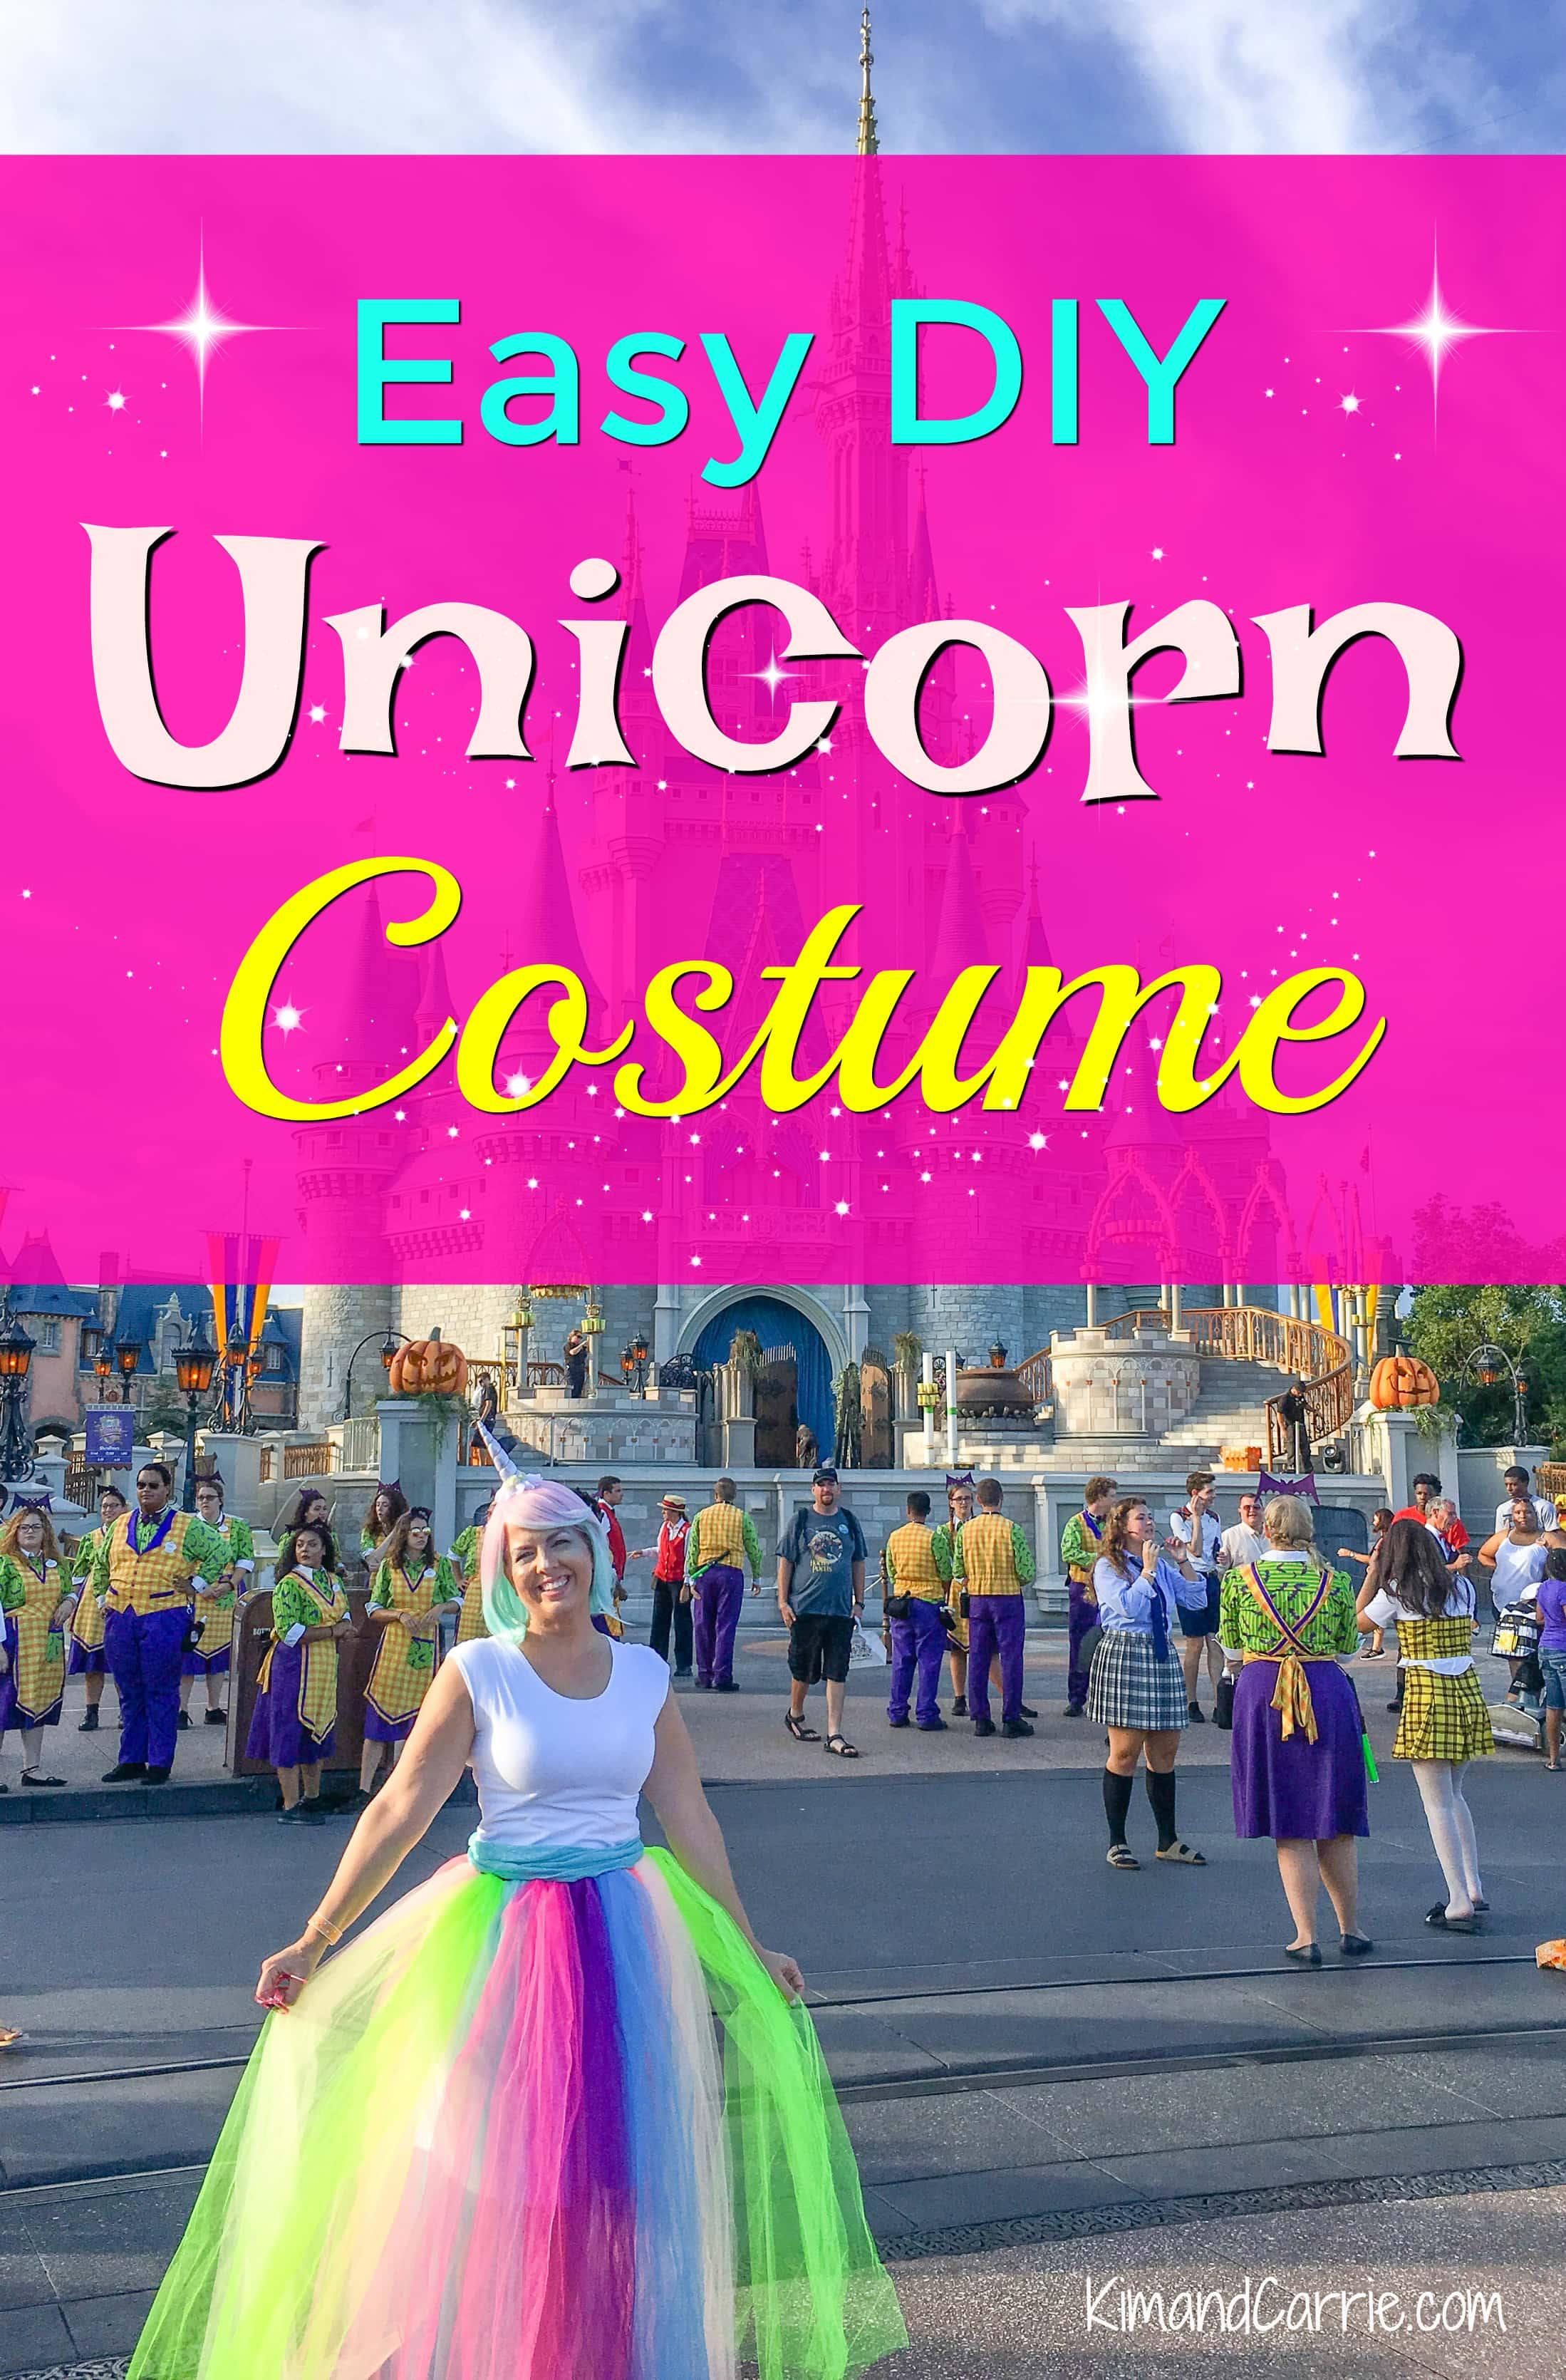 wearing unicorn costume in front of Cinderella Caste at magic Kingdom Disney 086139e88e